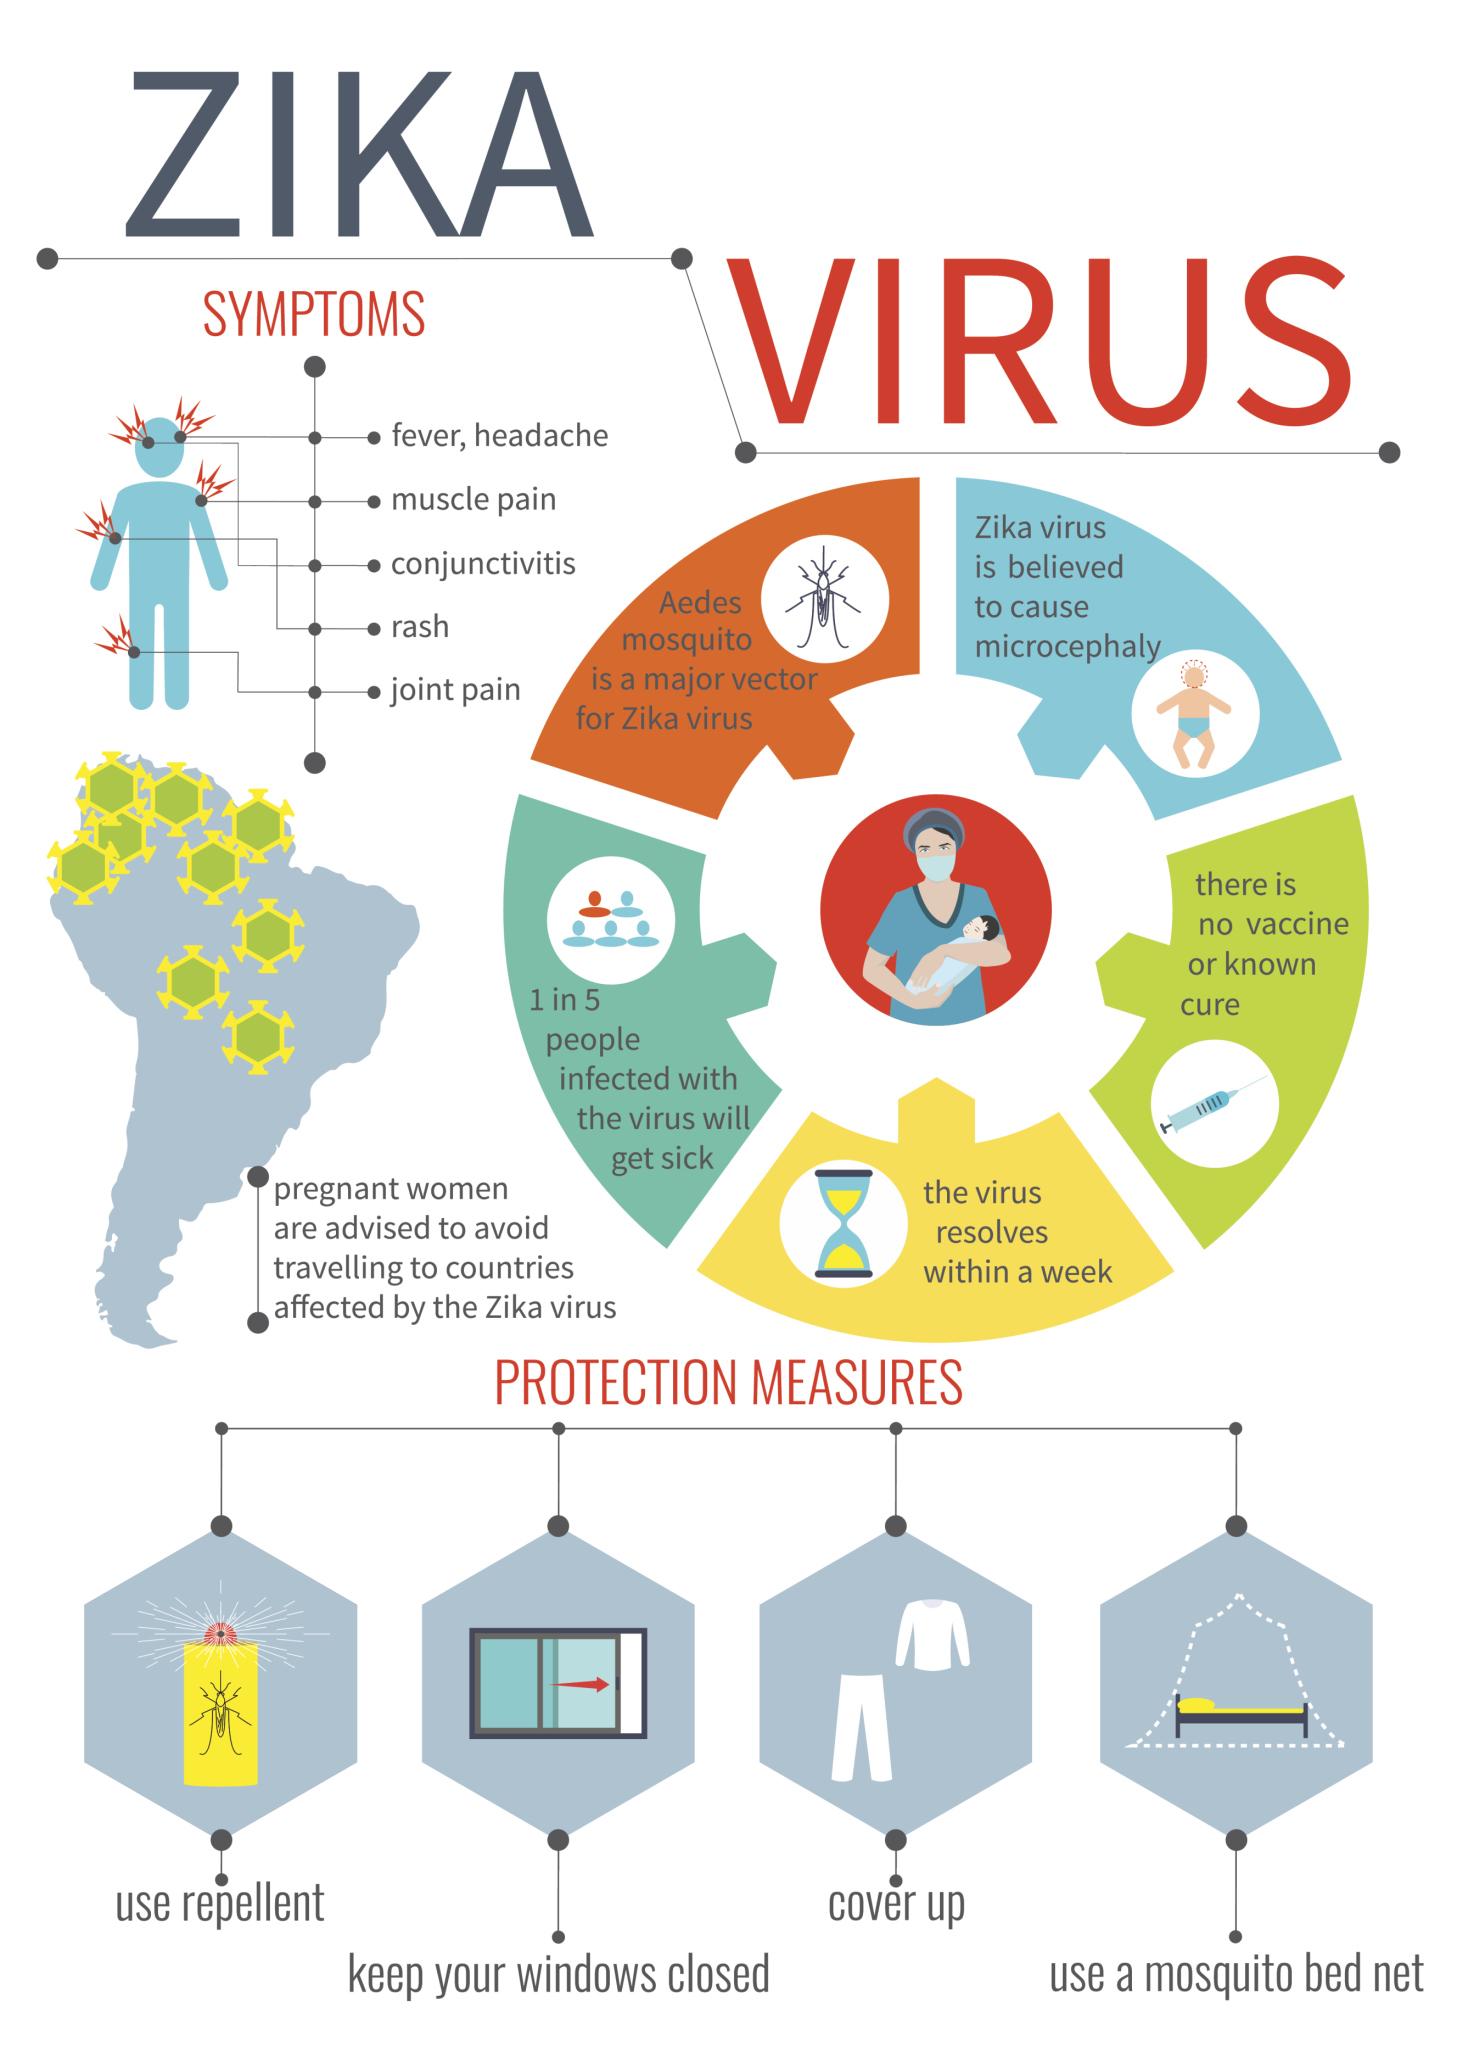 zika virus rash